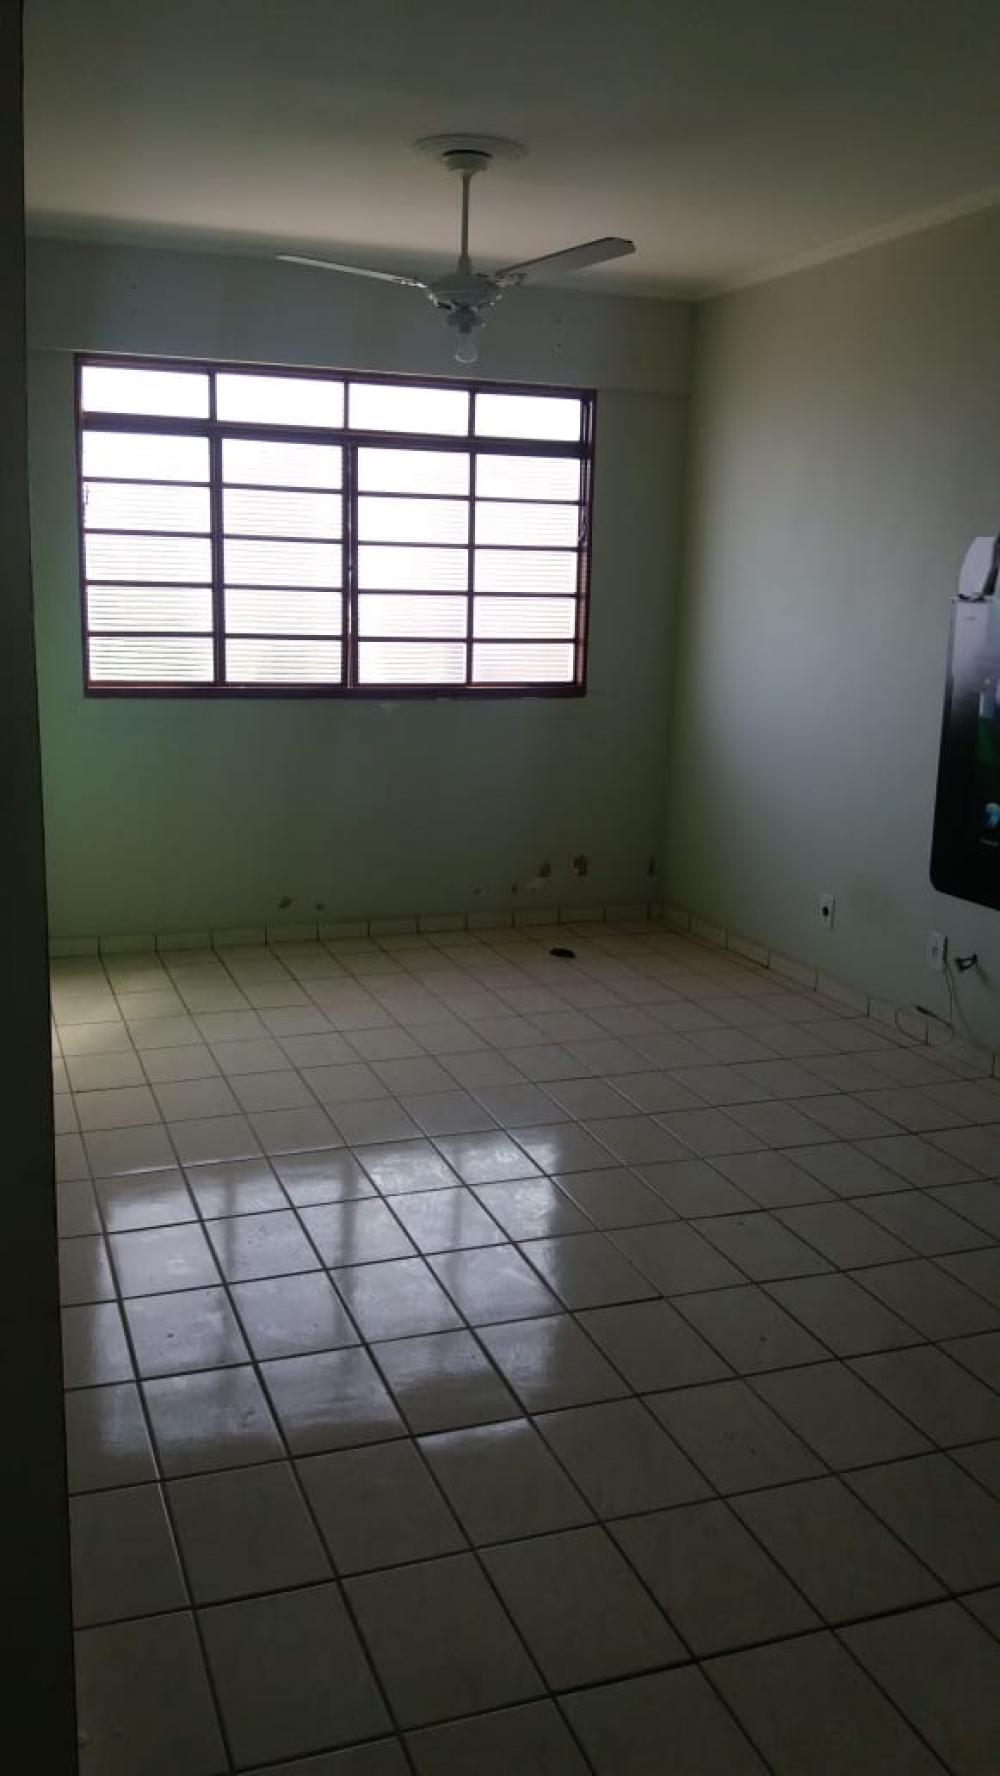 Comprar Apartamento / Padrão em São José do Rio Preto R$ 130.000,00 - Foto 3